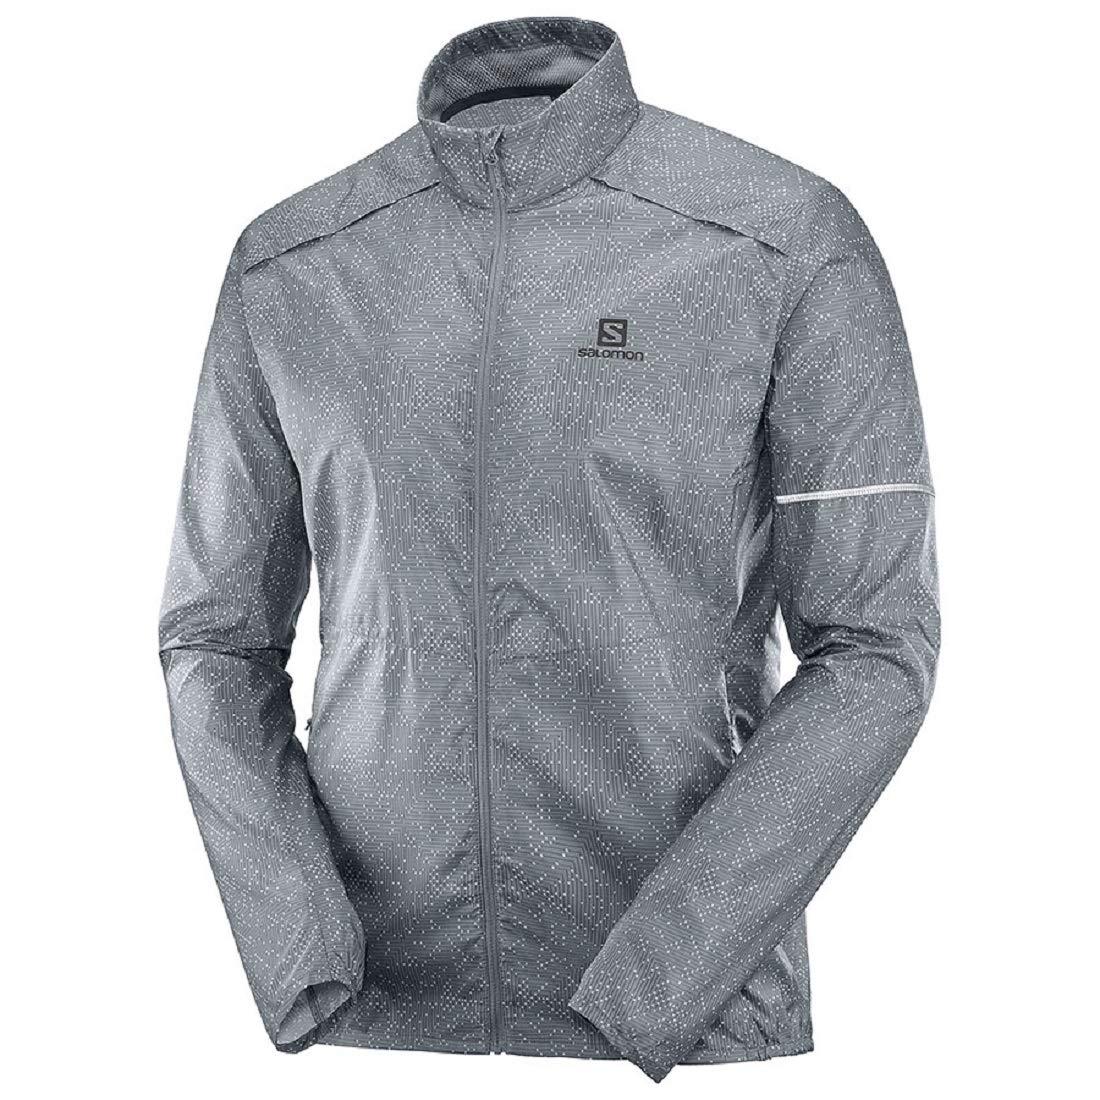 upea ilme ostokset ostaa Salomon Men's Agile Wind Jacket: Amazon.in: Sports, Fitness ...